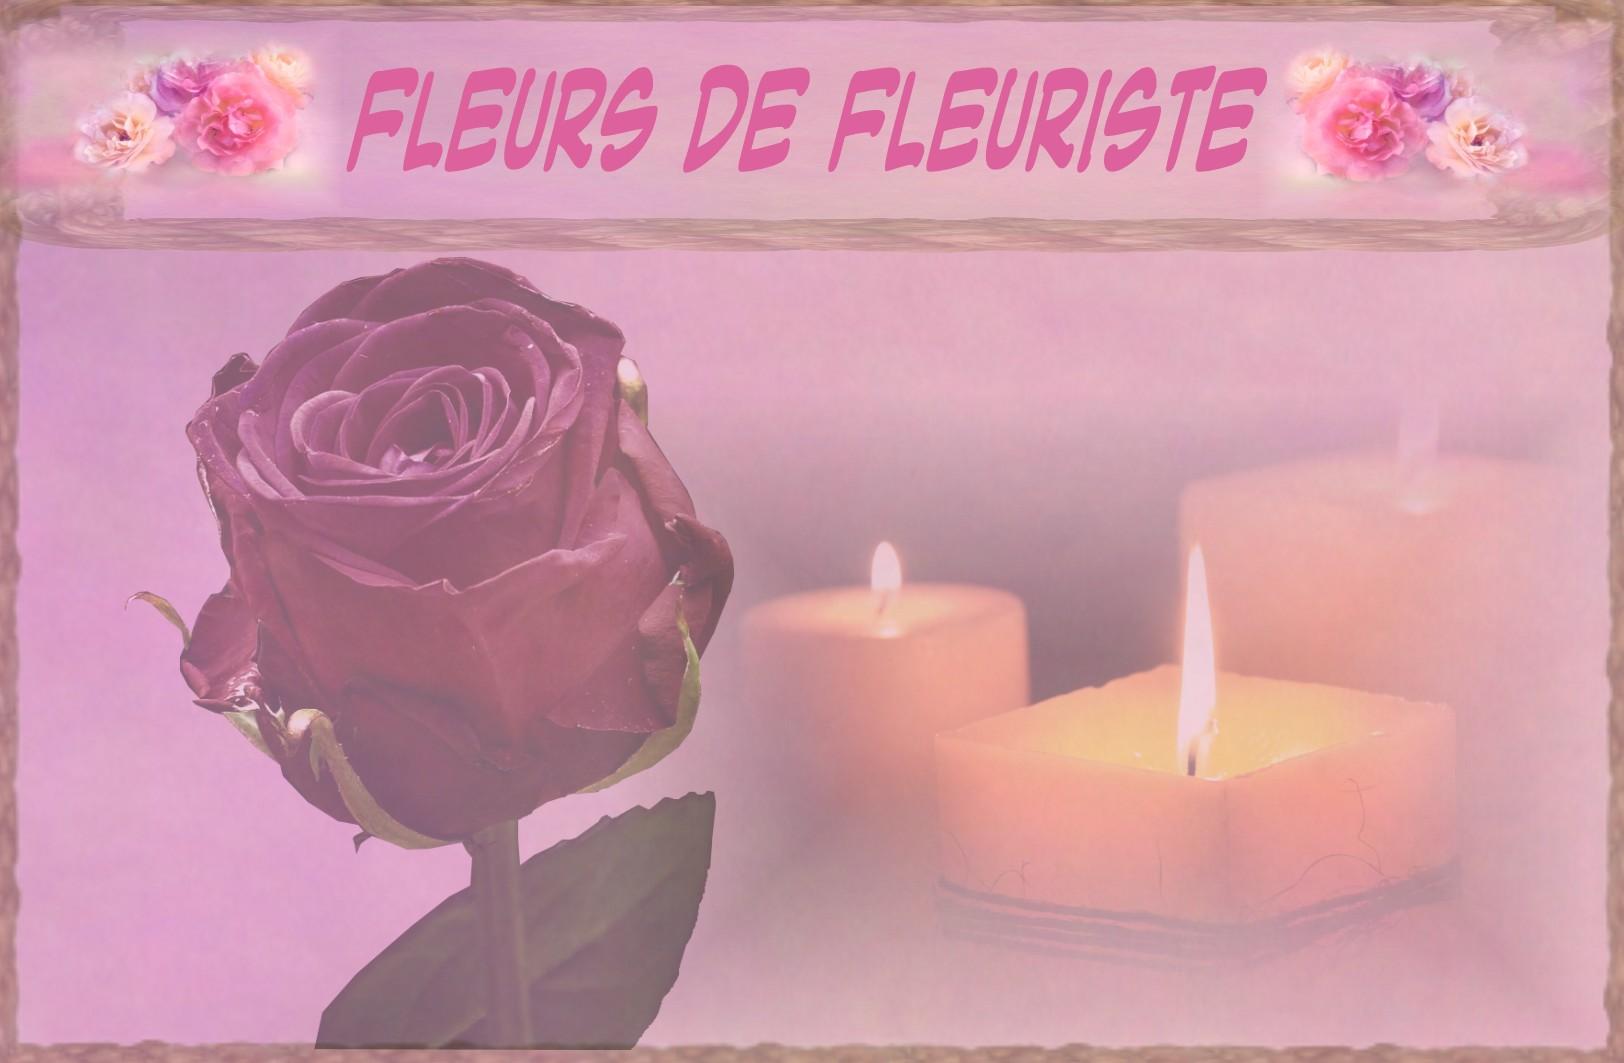 FLEURS DEUIL BRETEIL 35 -  ENVOYER FLEURS OBSÈQUES BRETEIL 35 - ENVOI FLEURS POUR UN ENTERREMENT A BRETEIL 35 - FLEURS POUR DEUIL A BRETEIL 35 - FLEURS POUR CREMATION BRETEIL 35  - livrer des fleurs pour un deuil, des obsèques, un enterrement, une crémation par un fleuriste de BRETEIL 35